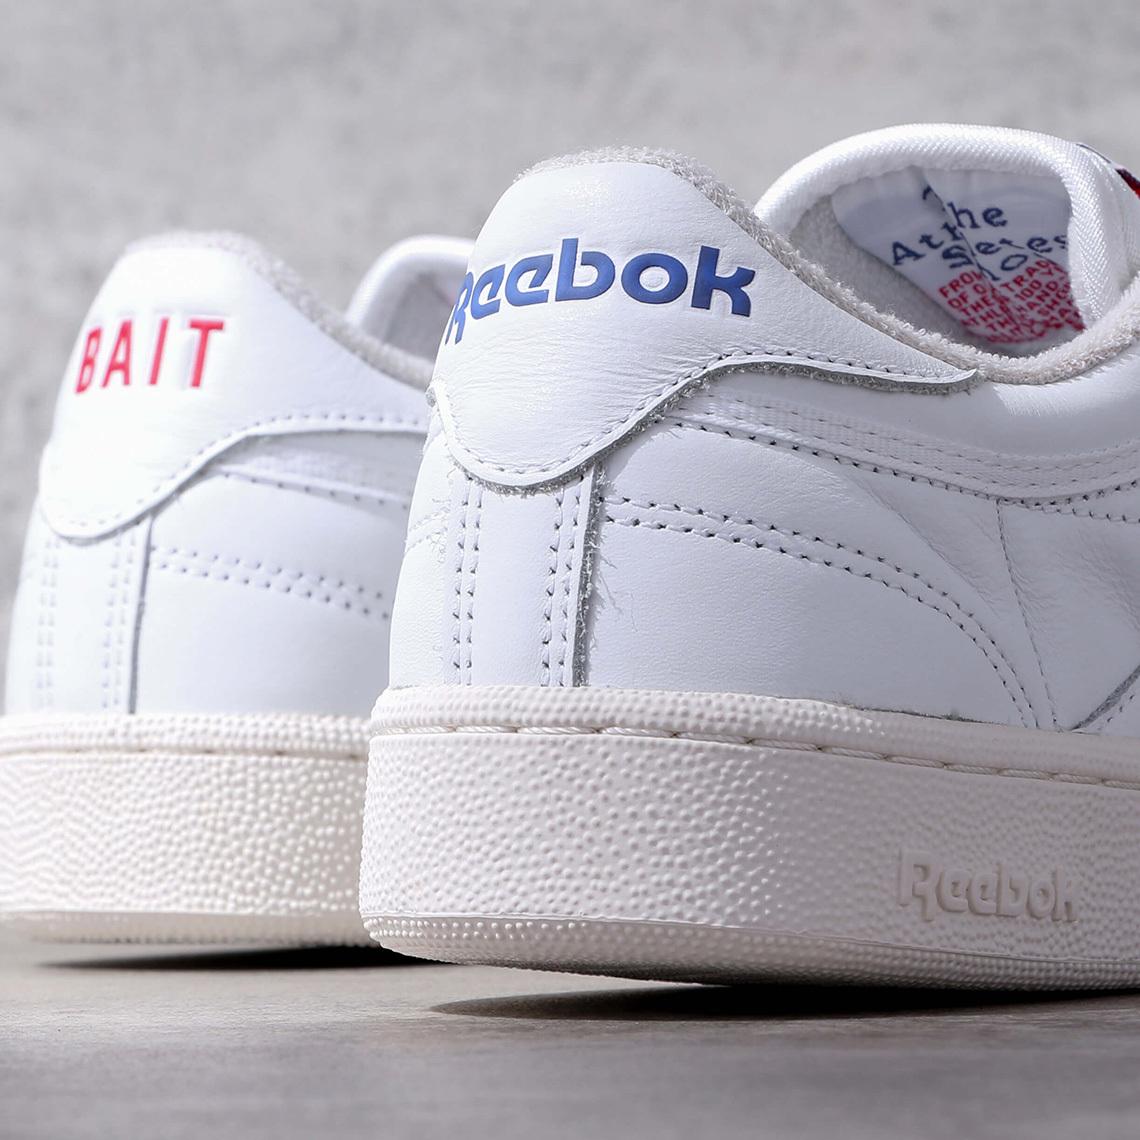 """BAIT x Reebok """"East West"""" Pack ベイト x リーボック イースト ウェスト パック detail"""